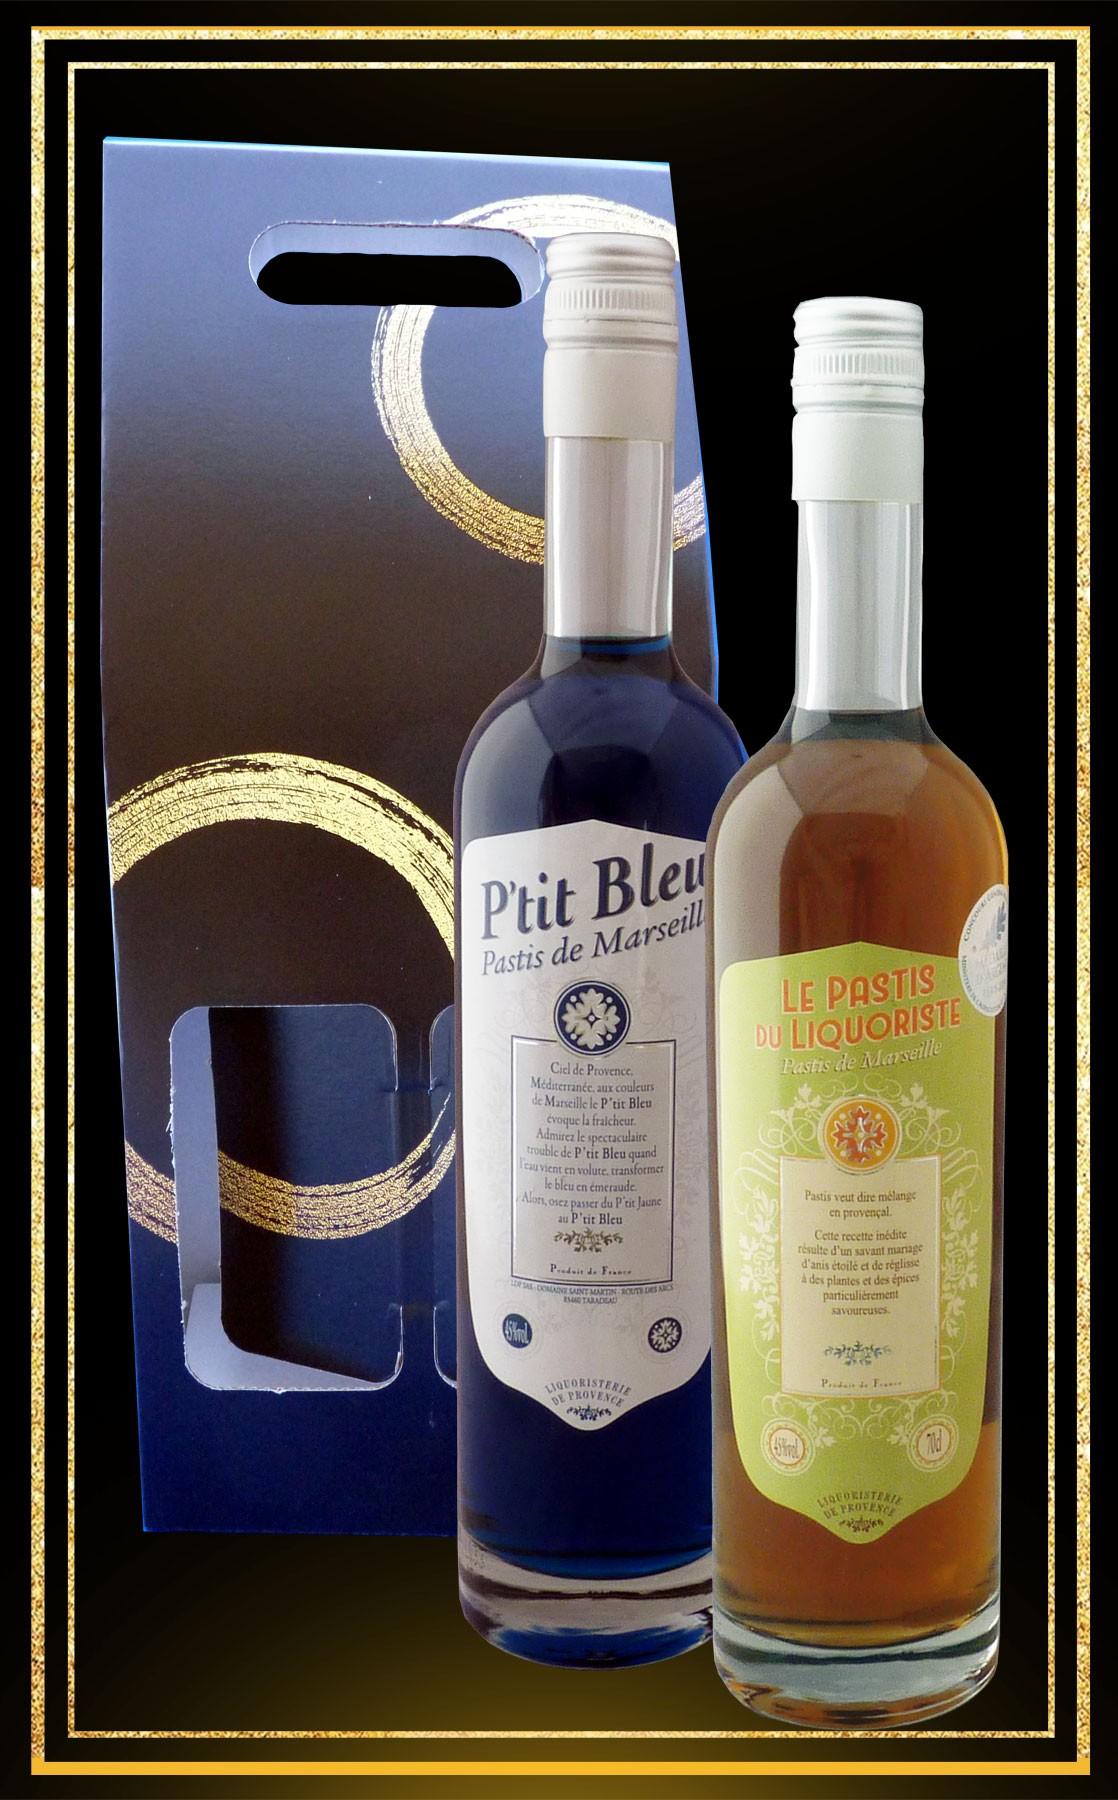 Coffret cadeaux 2 pastis Pastis du Liquoriste et P'tit Bleu 70cl